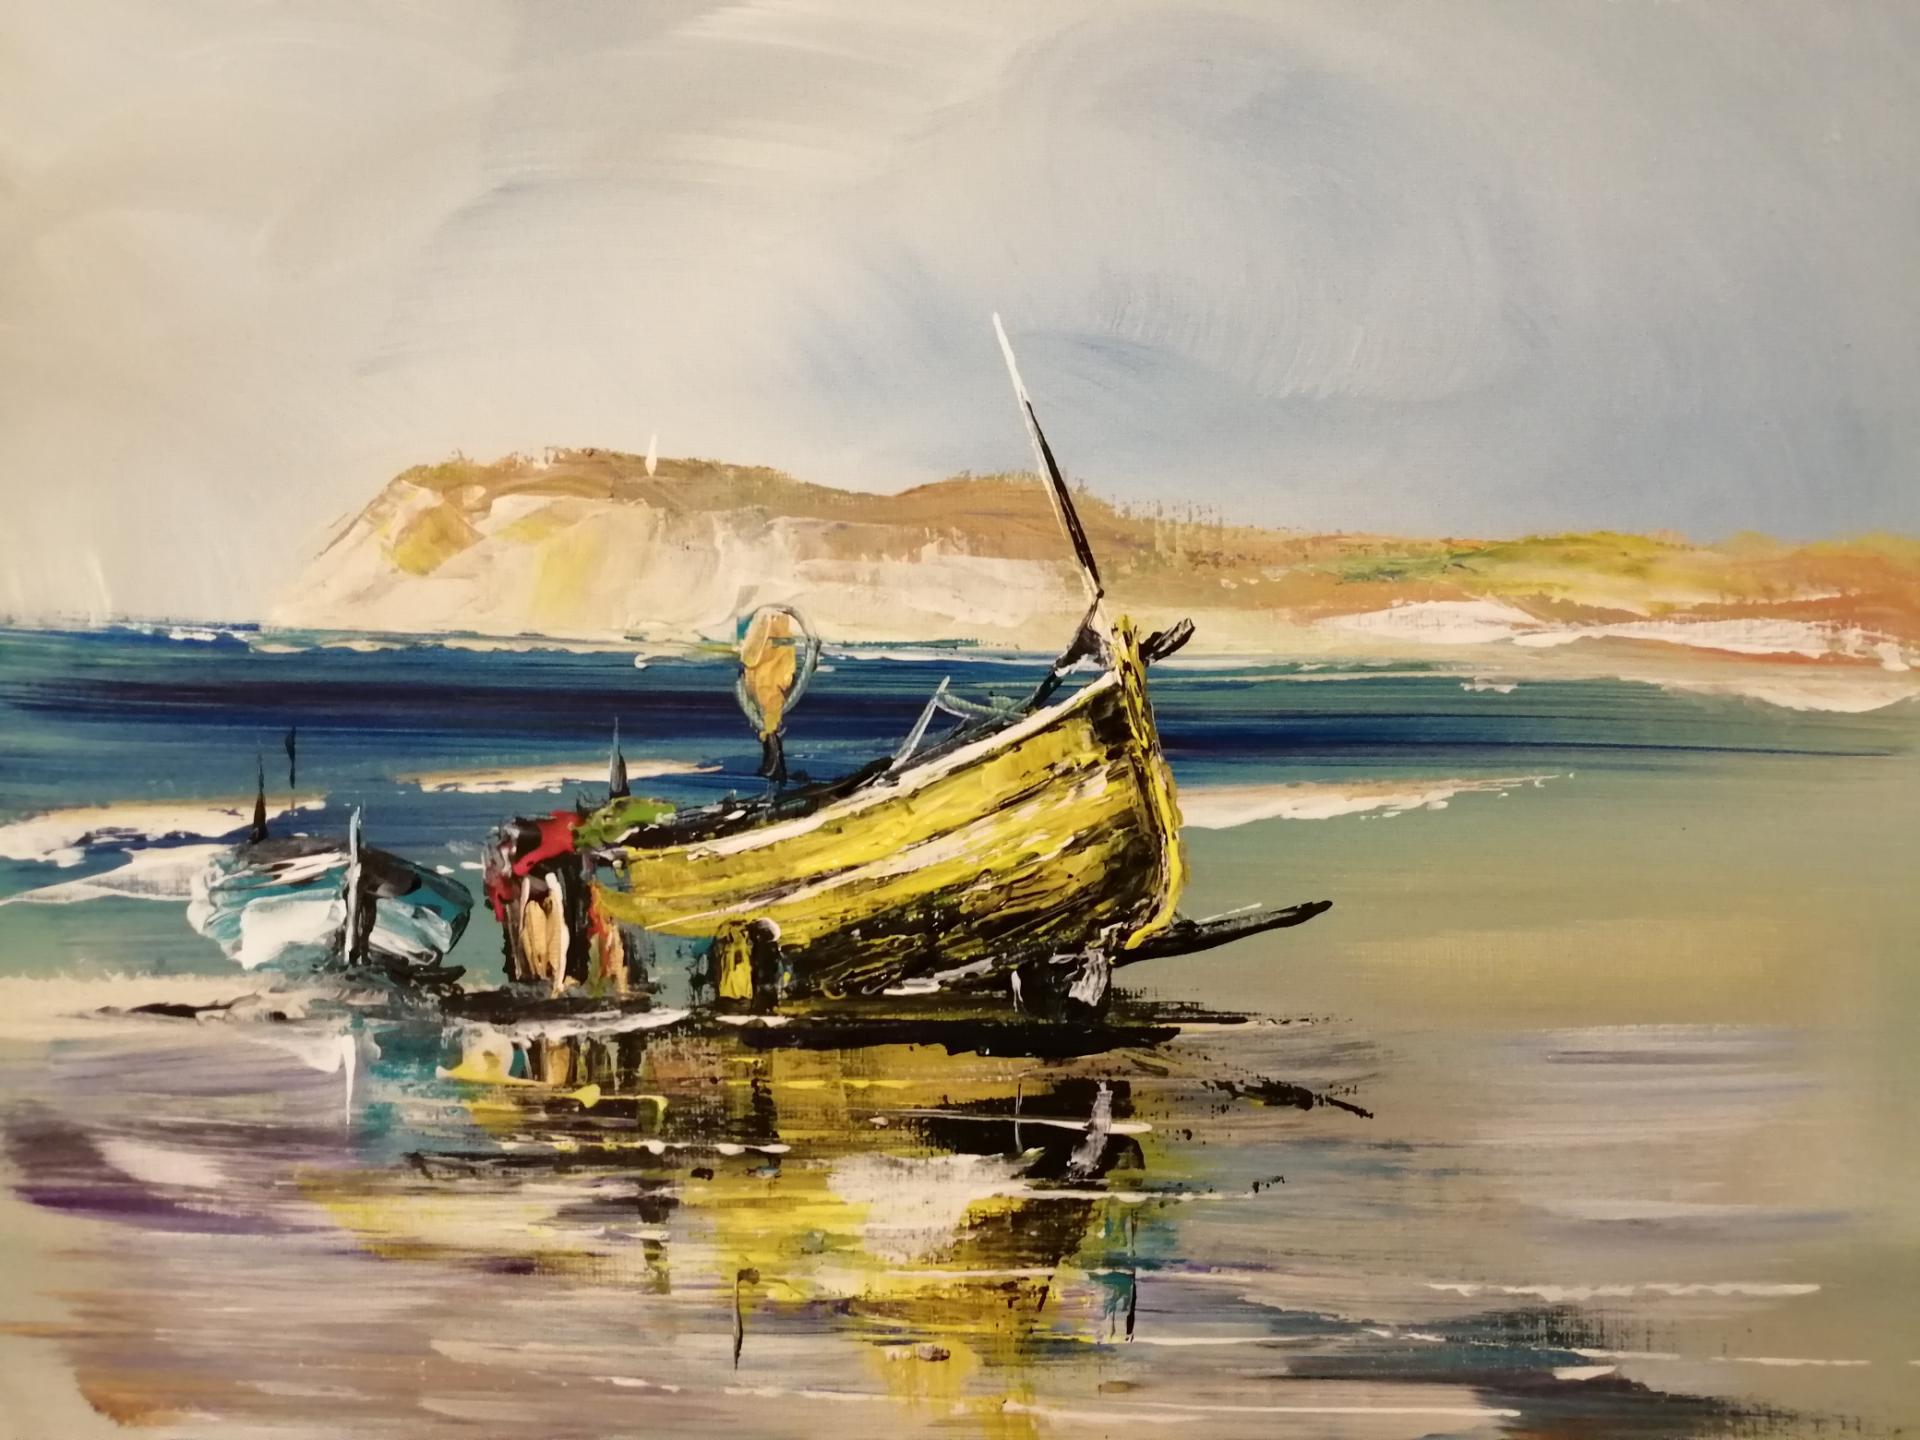 le flobart jaune sur la plage de Wissant